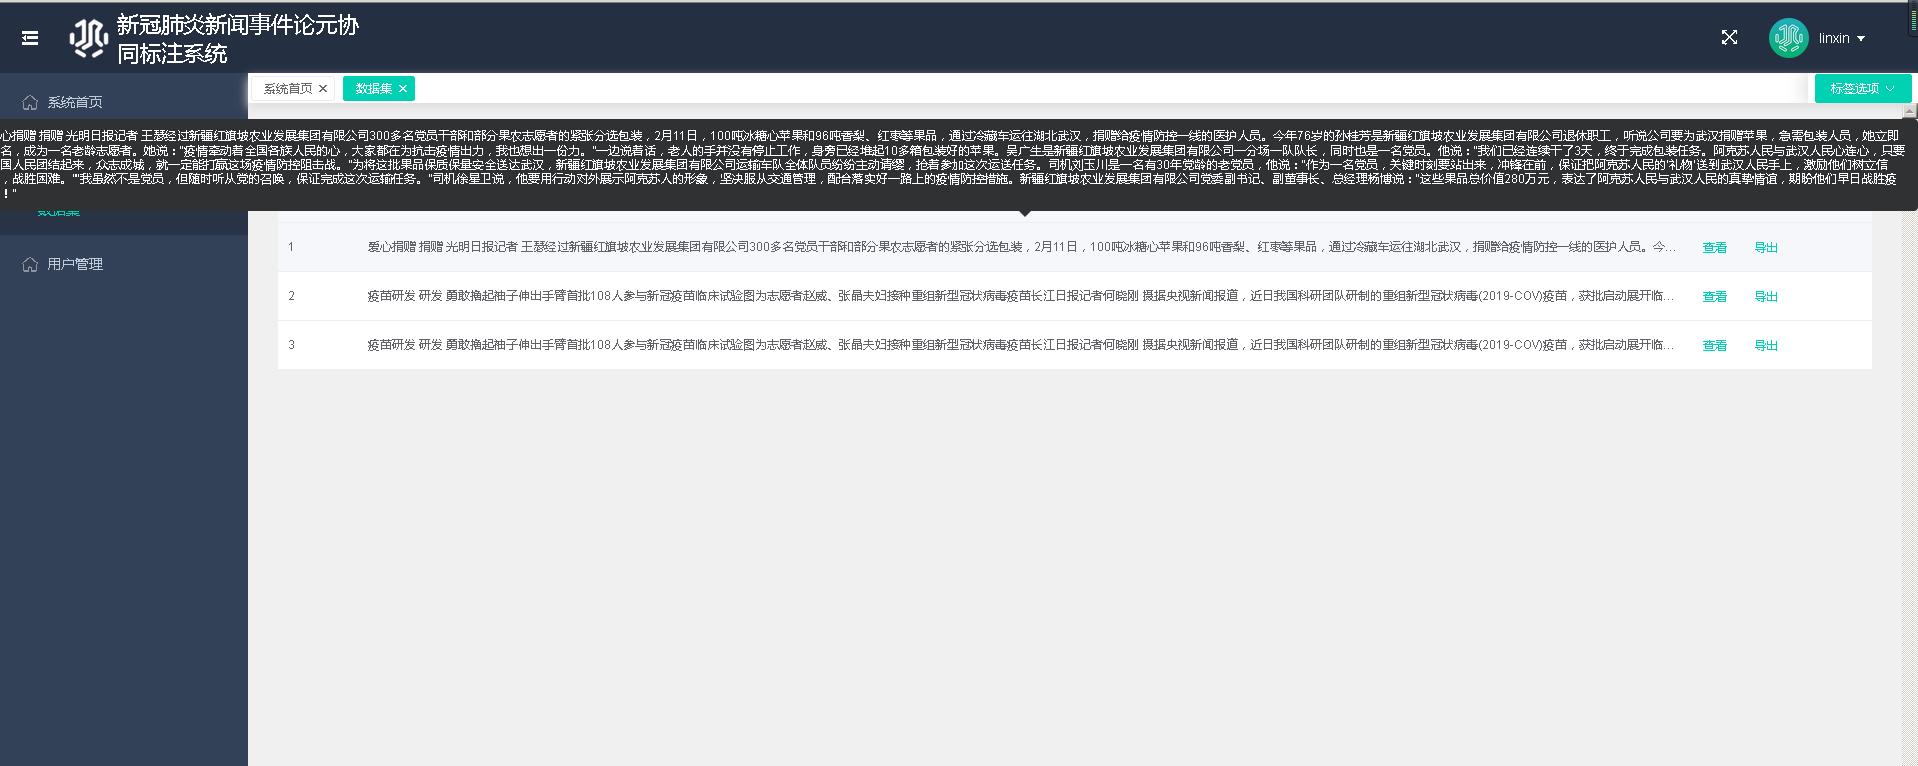 计算机毕业设计SpringBoot+Vue.js新冠肺炎新闻语料库事件论元协同标注系统